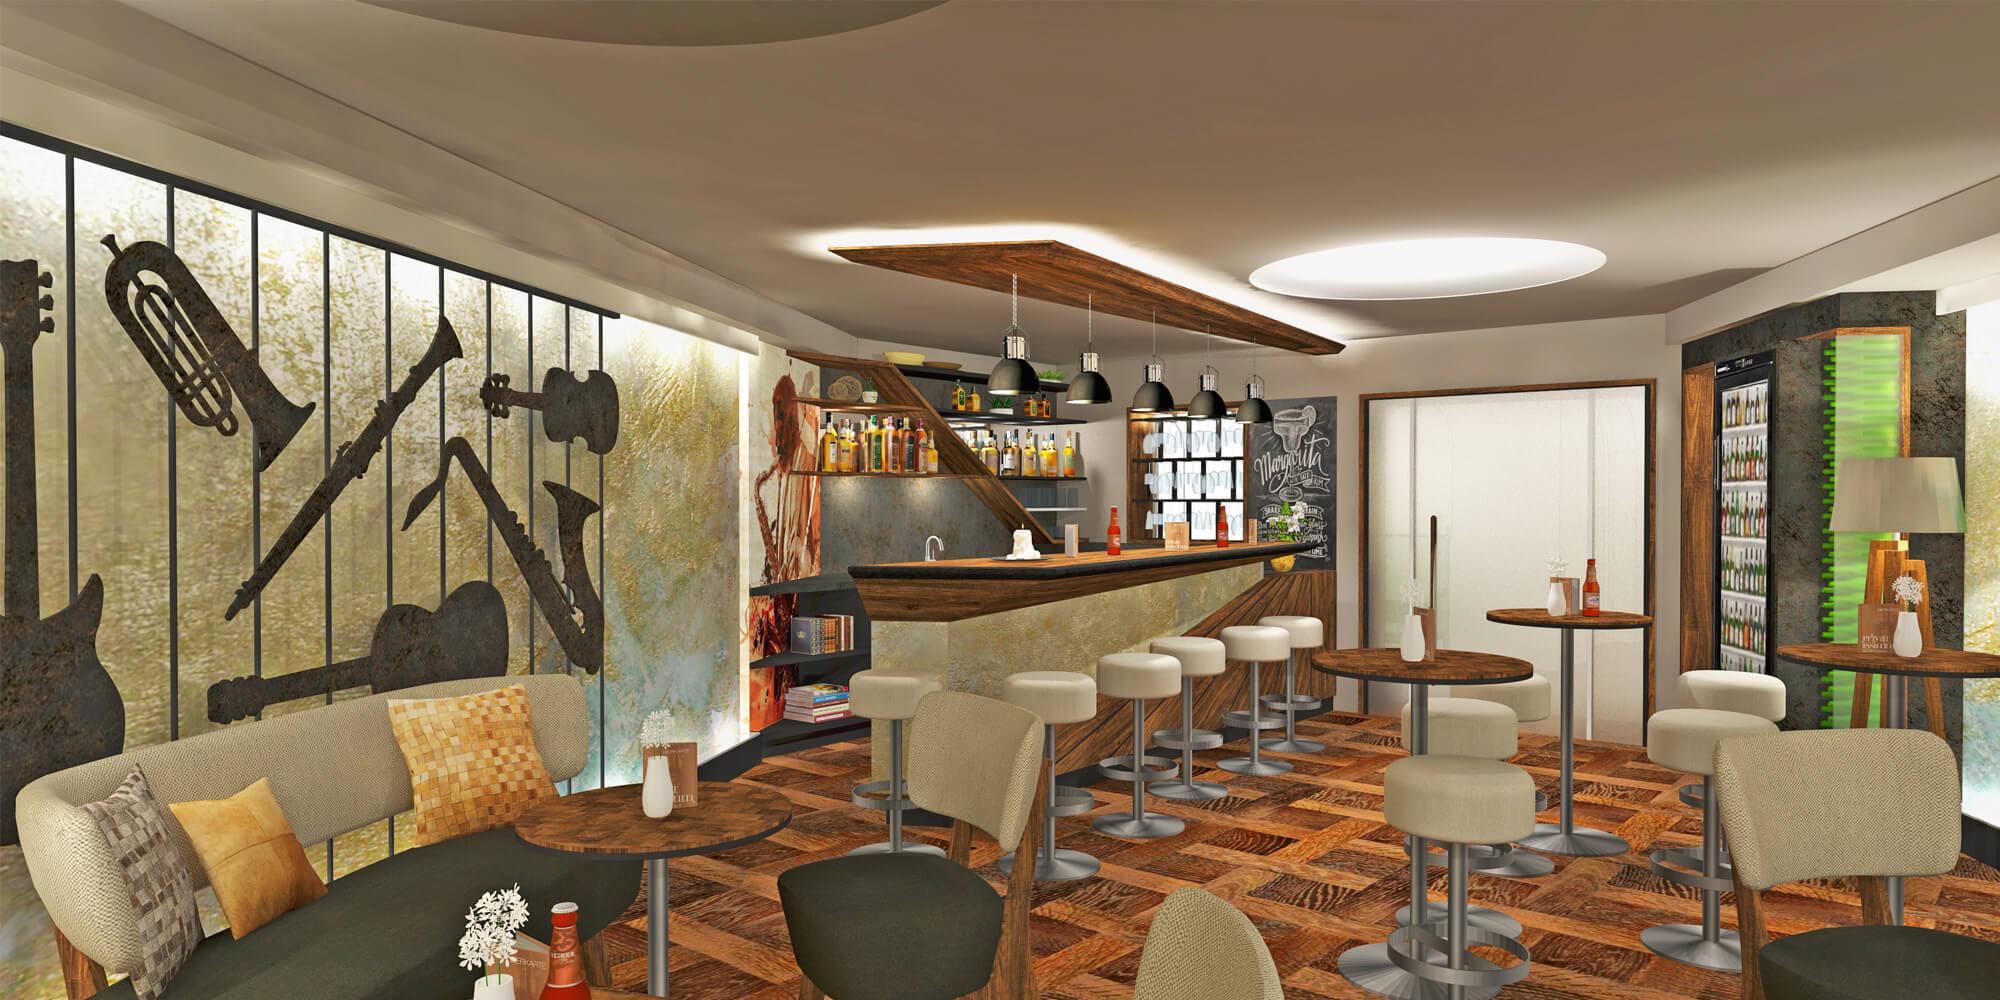 Crea-Plan-Design-Rauch-Frühmann-Architektur-Innenarchitektur-Design-Projekt-Referenz-Hotelerie-Gastronomie-Hotel-Bergergut-Bar